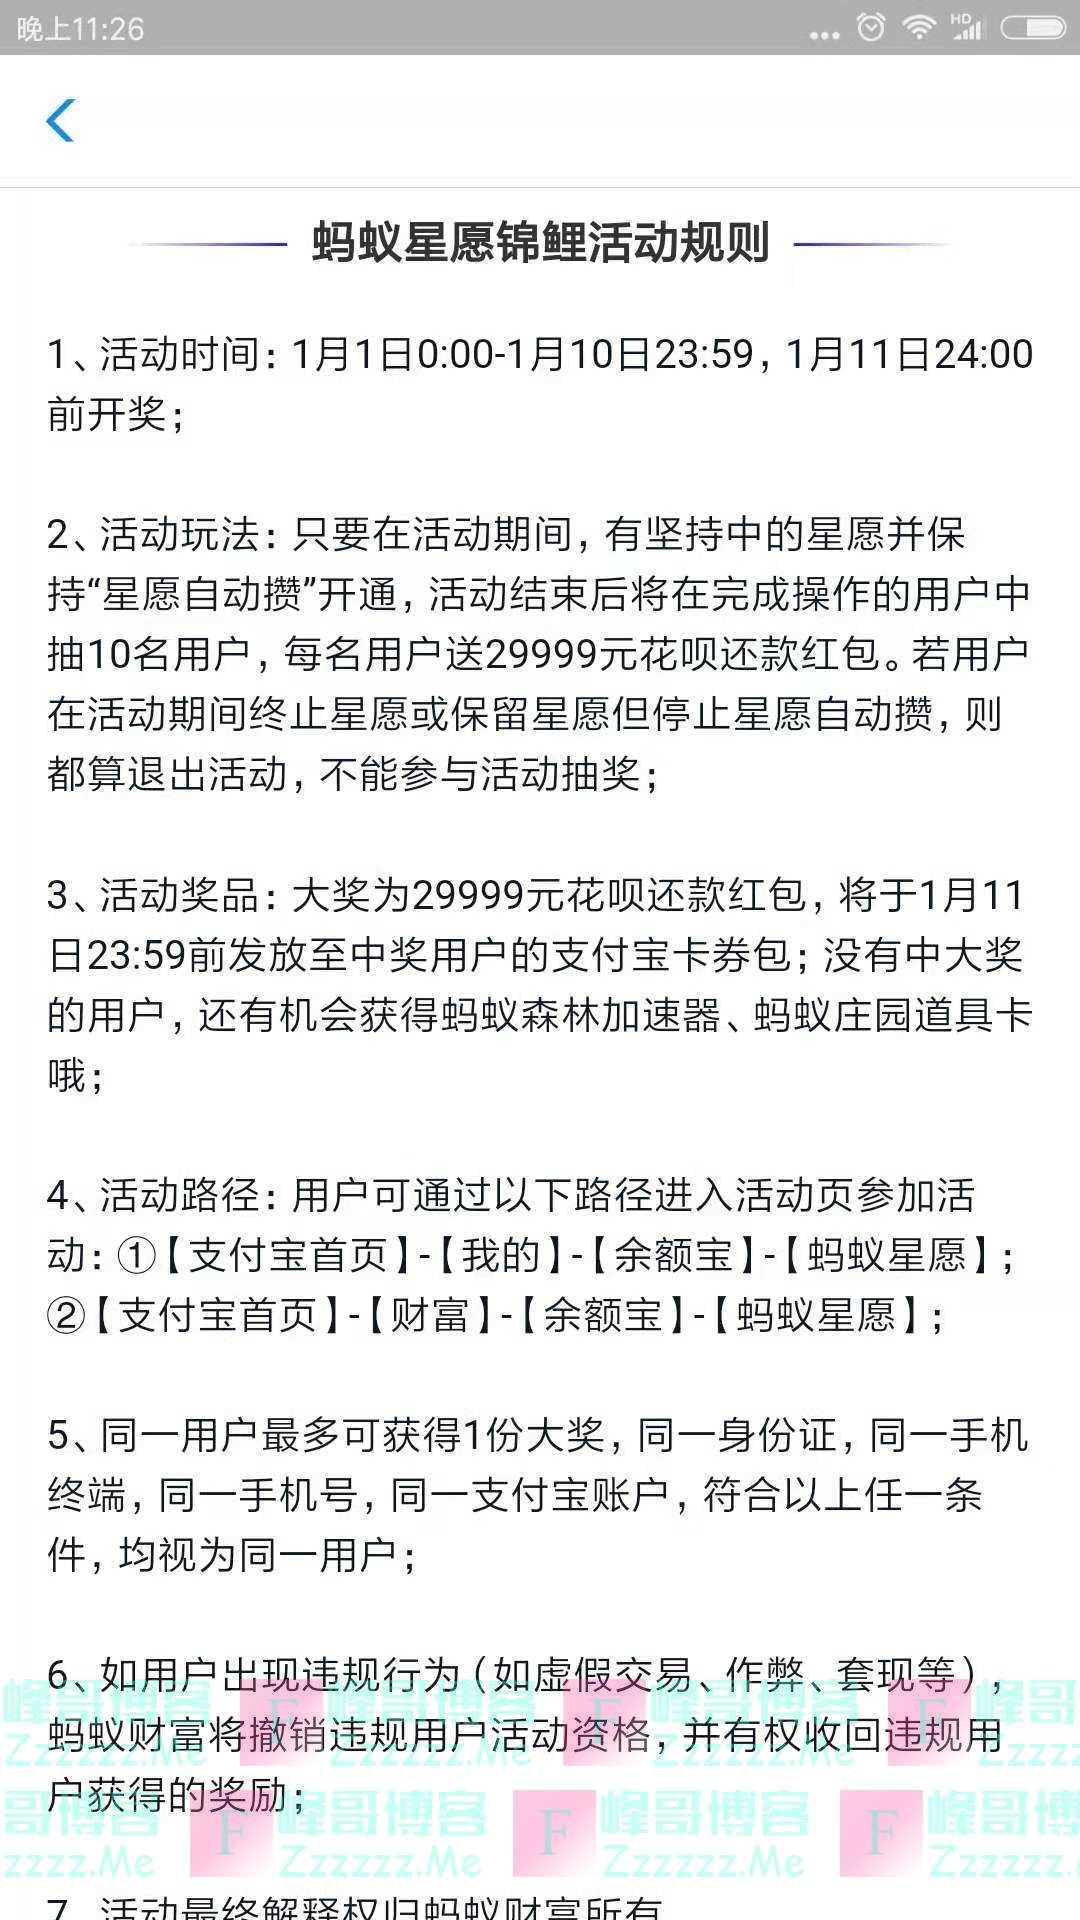 支付宝蚂蚁星愿锦鲤活动(截止1月11日)